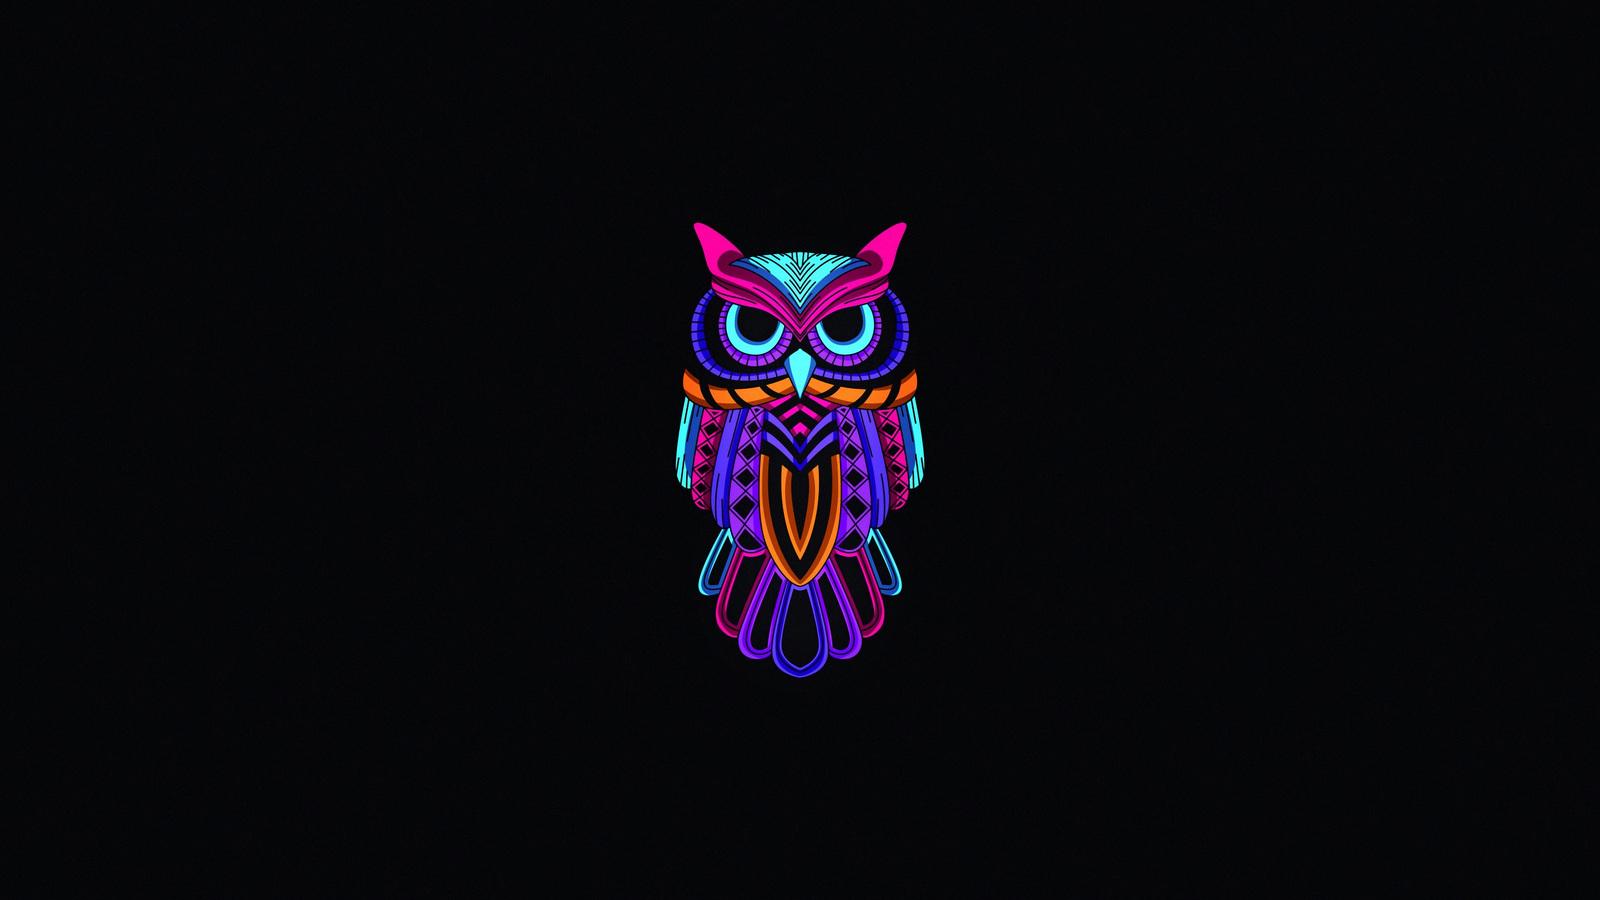 1600x900 Owl Minimal Dark 4k 1600x900 Resolution Hd 4k Wallpapers